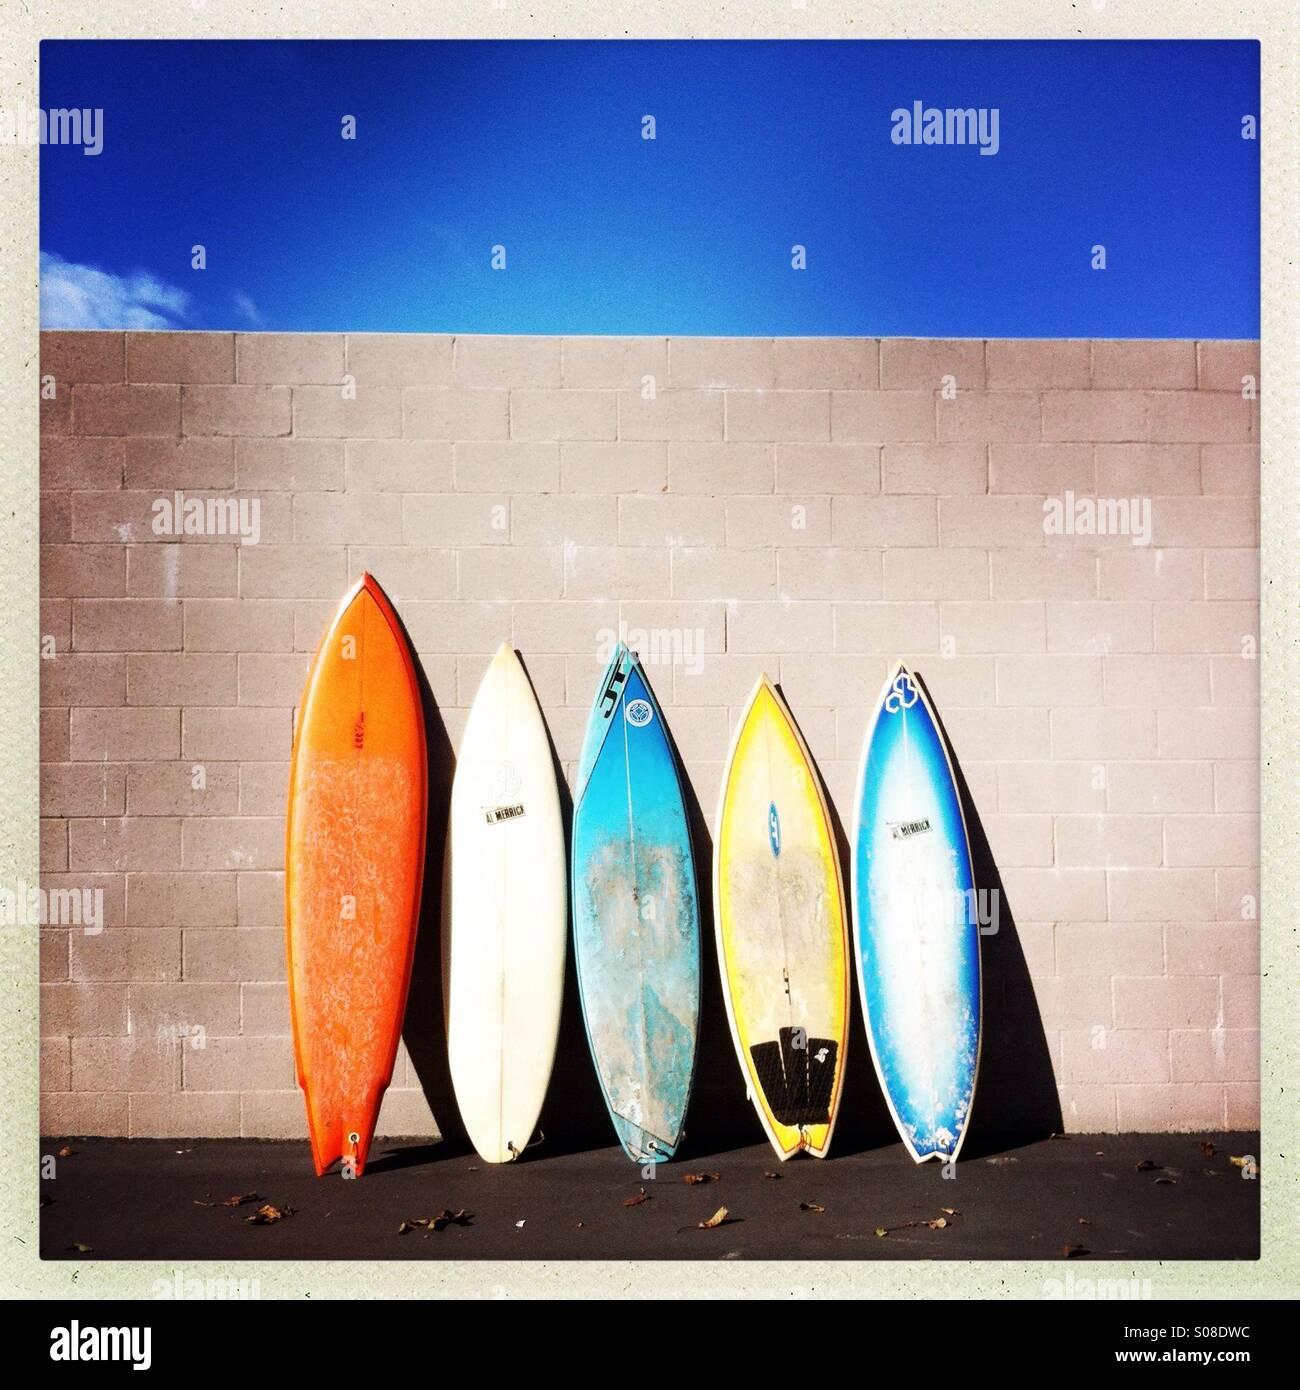 Planches colorées s'appuyant sur un mur. Photo Stock